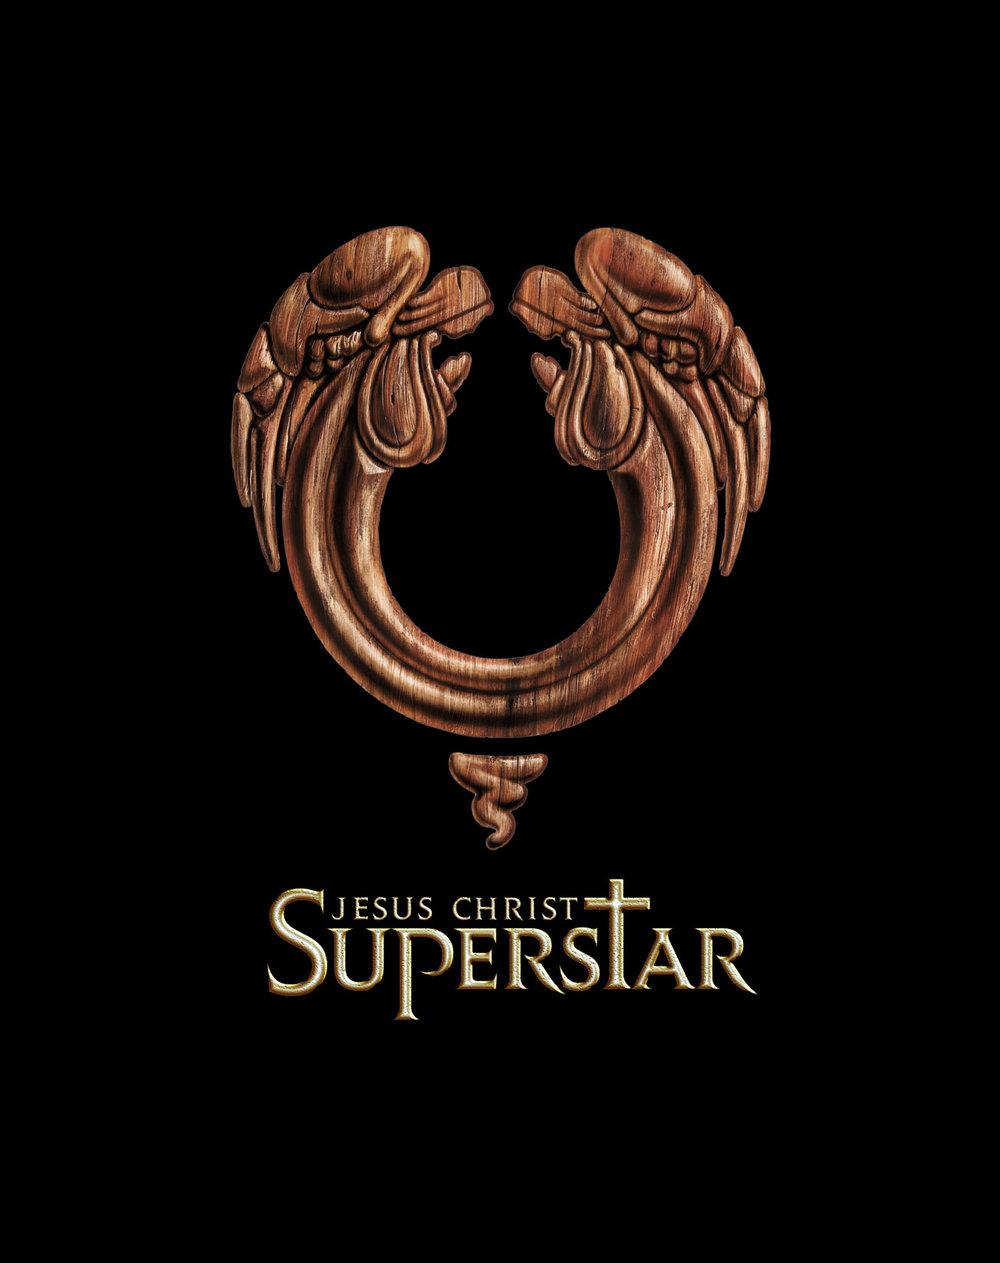 1302276614Jesus-Christ-Superstar_Logo_Color.jpg